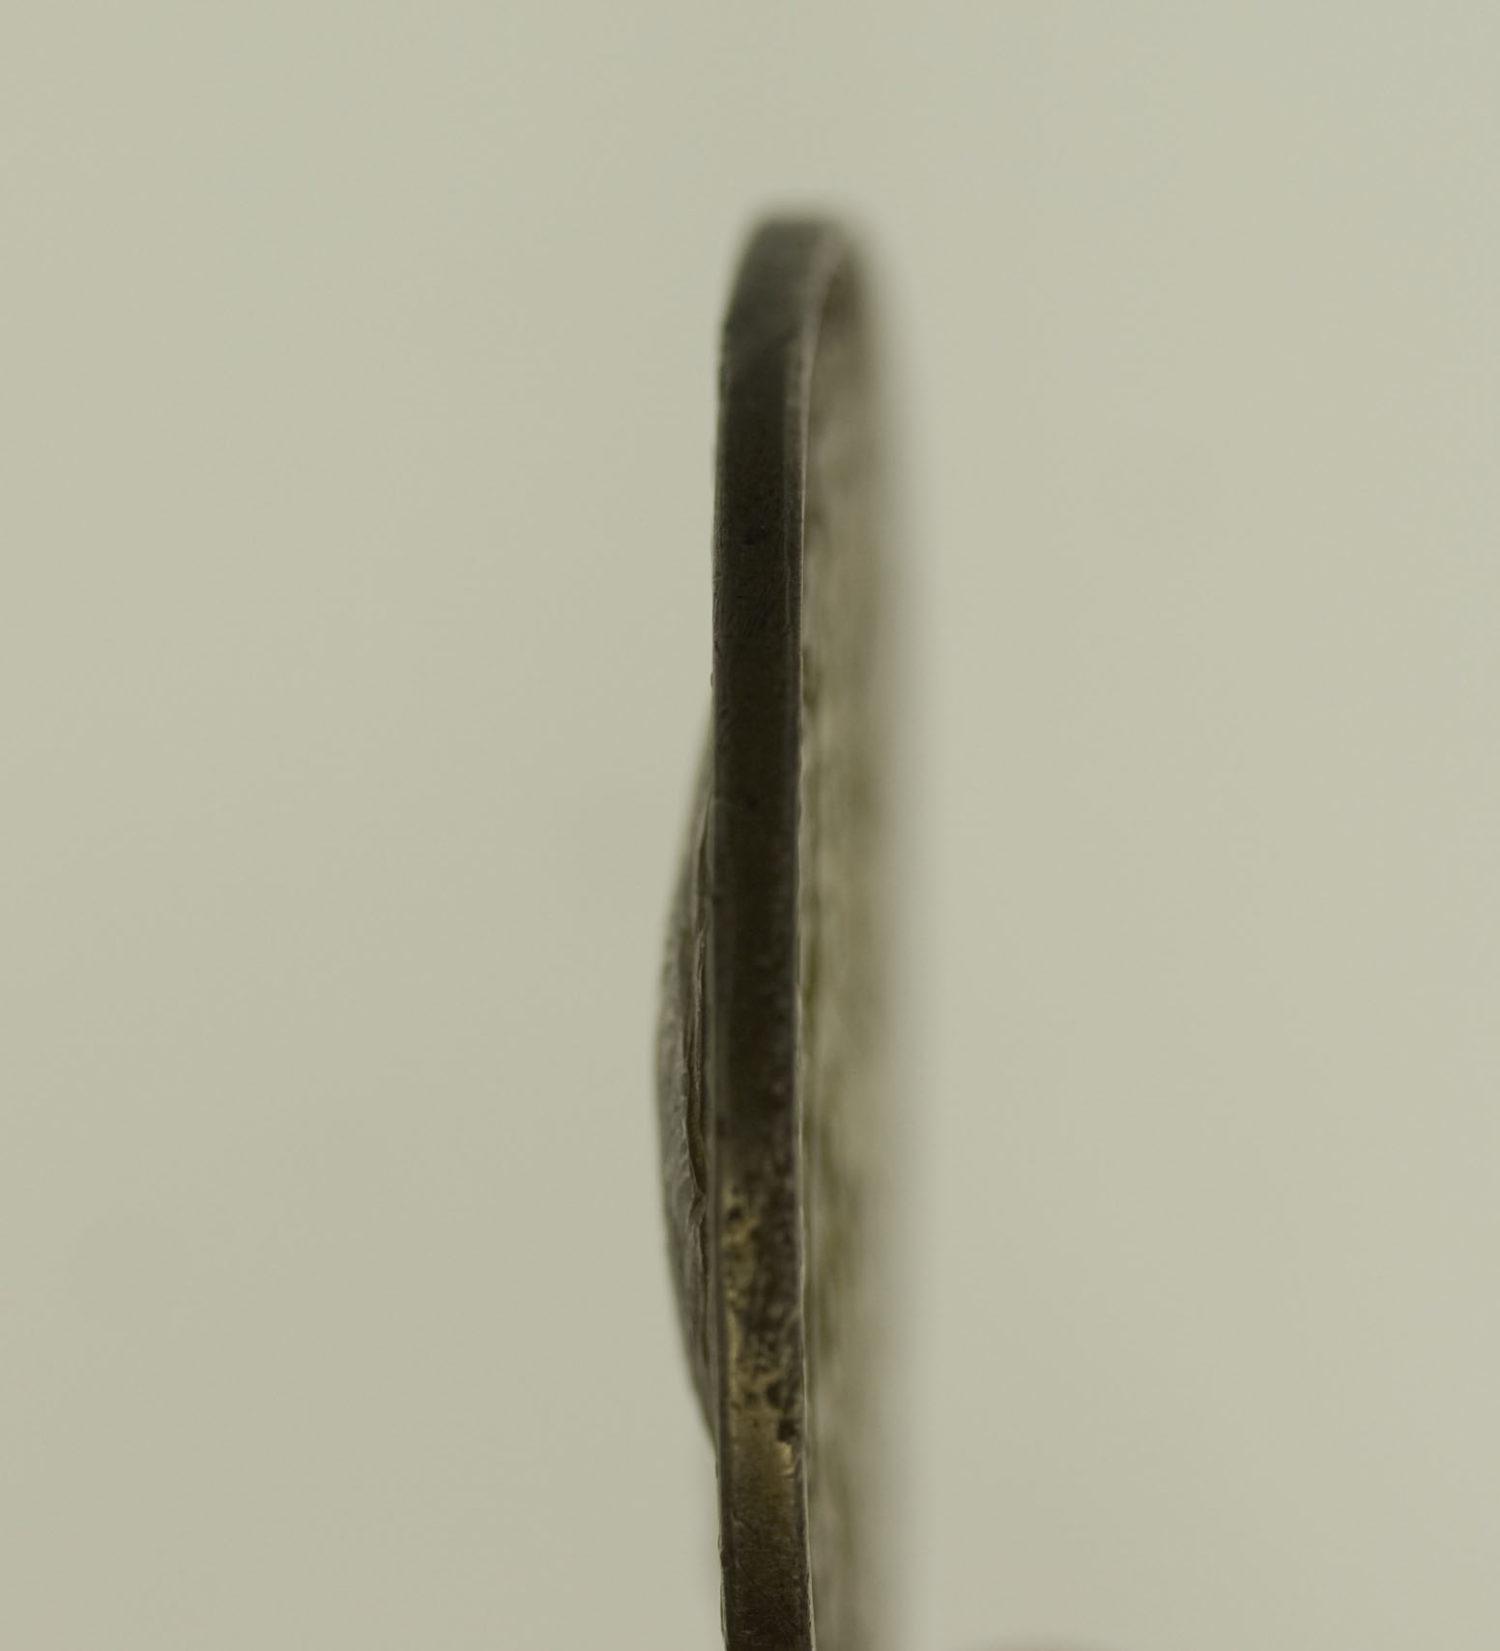 deutsches-kaiserreich-ab-1871-deutsche-silbermuenzen - Sachsen Friedrich August Silbermedaille 1906